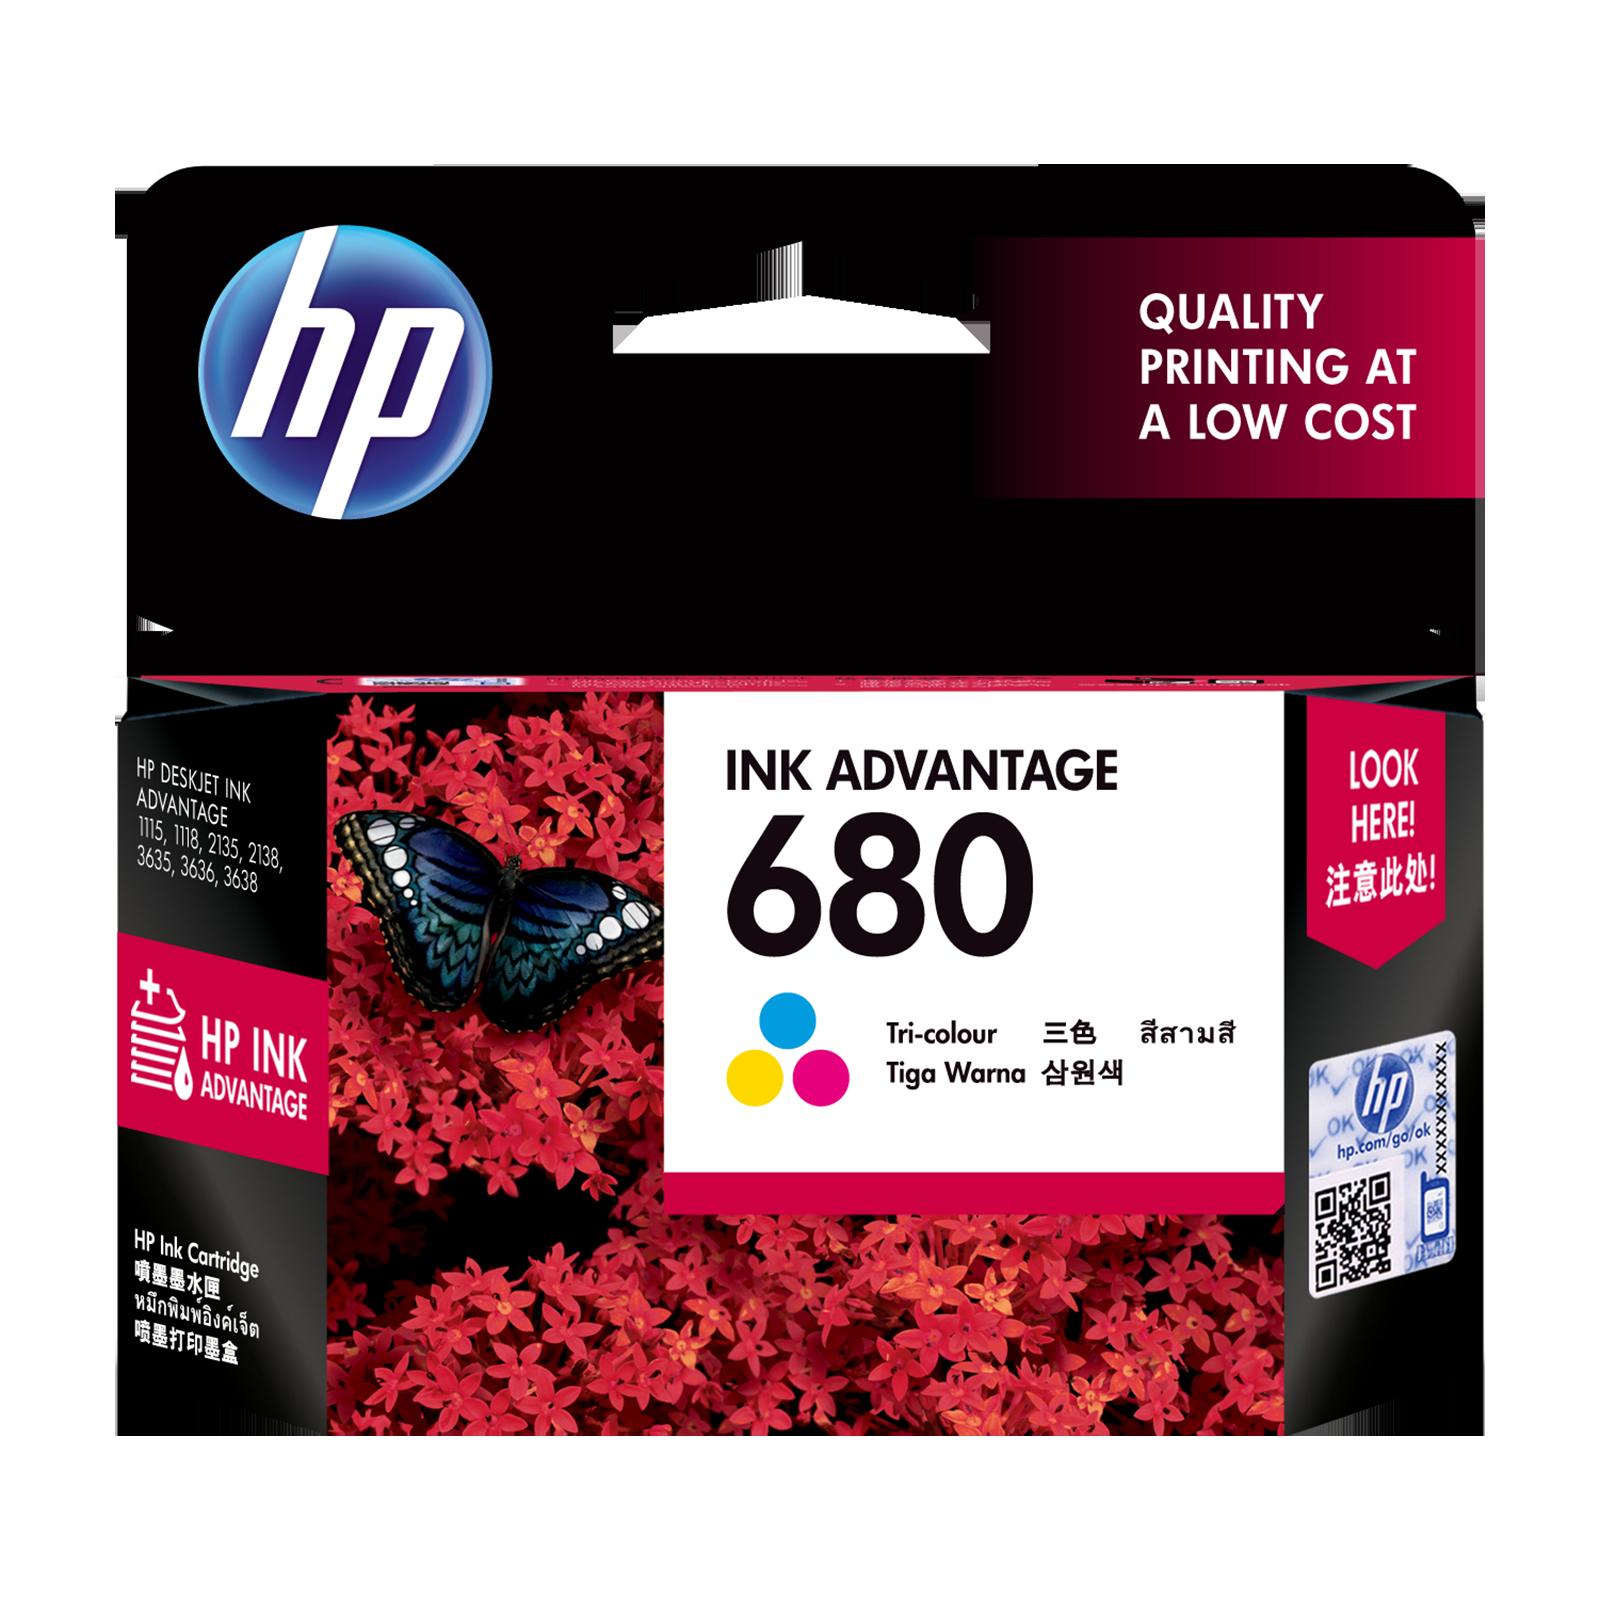 HP 680 Original Ink Advantage Cartridge (F6V26AA, Tri-color)_1